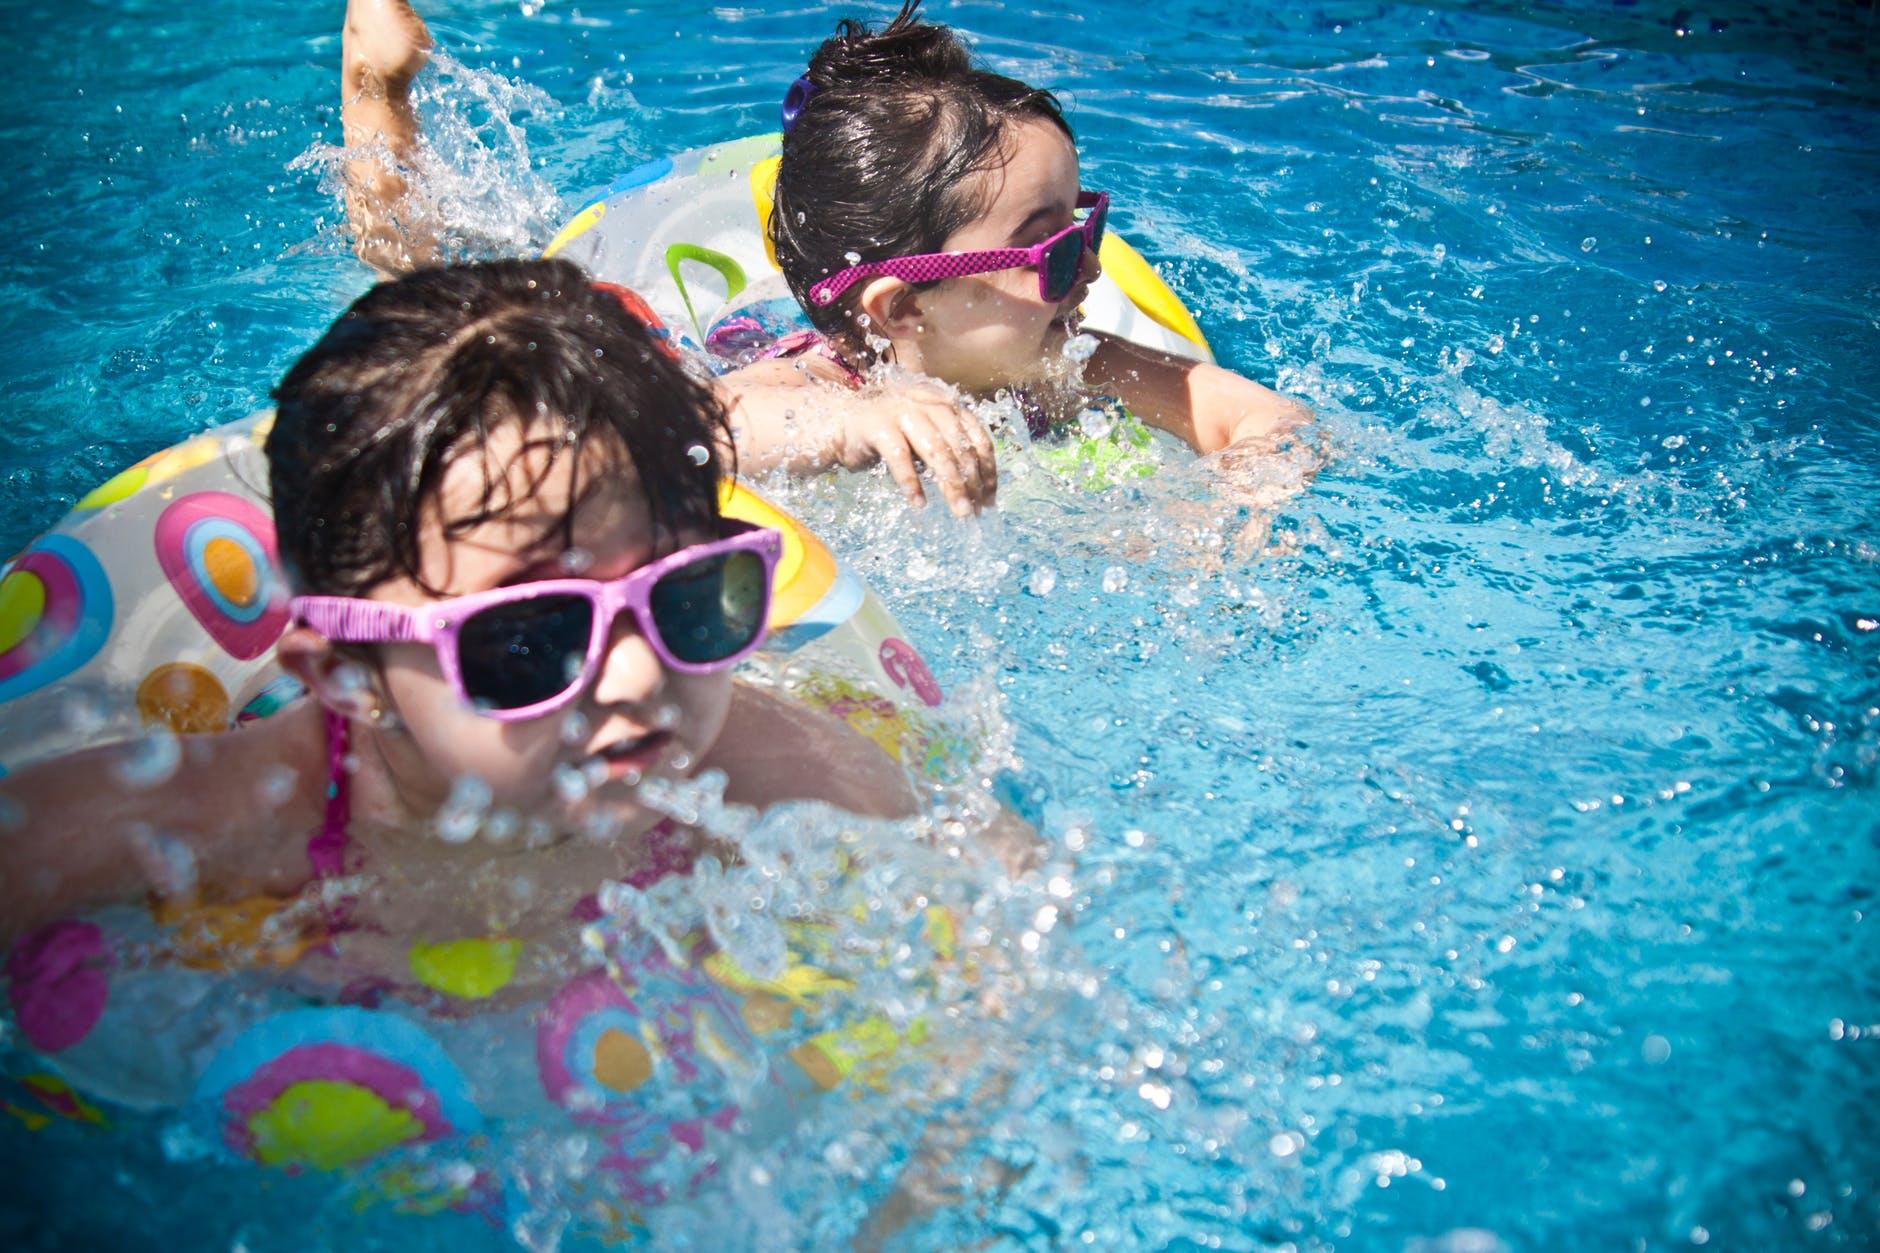 Őszi szünet - vizes élményekkel  Előfoglalás!